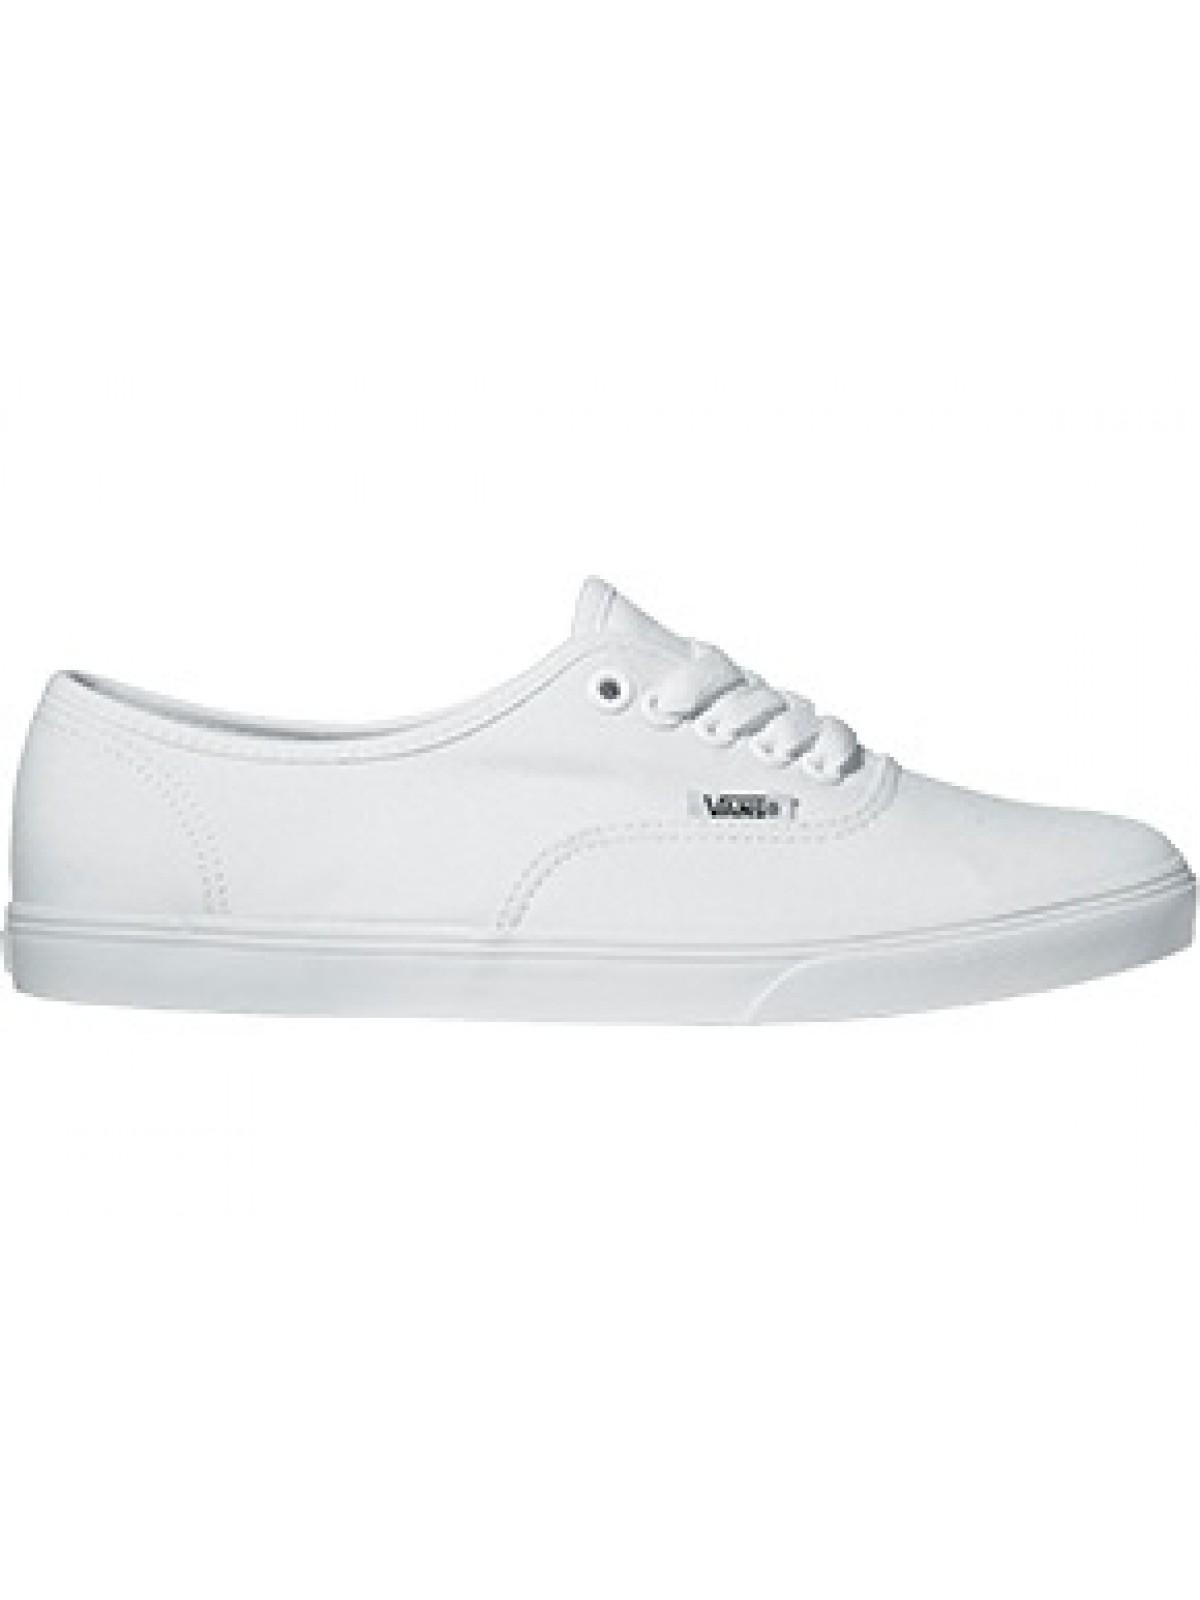 Vans Z Lopro toile monochrome blanc